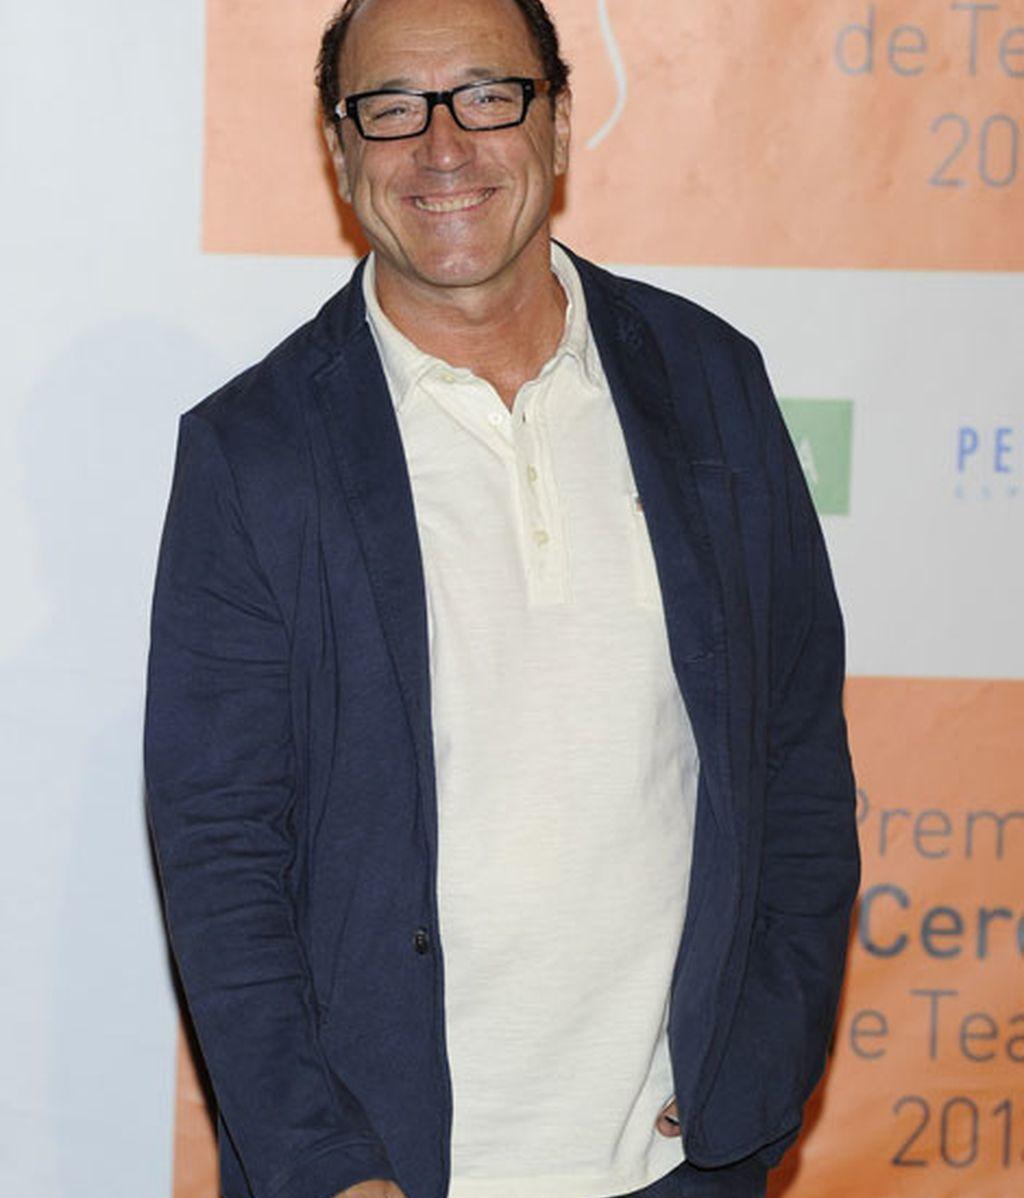 El actor Roberto Álvarez acudió a la gala con vaqueros